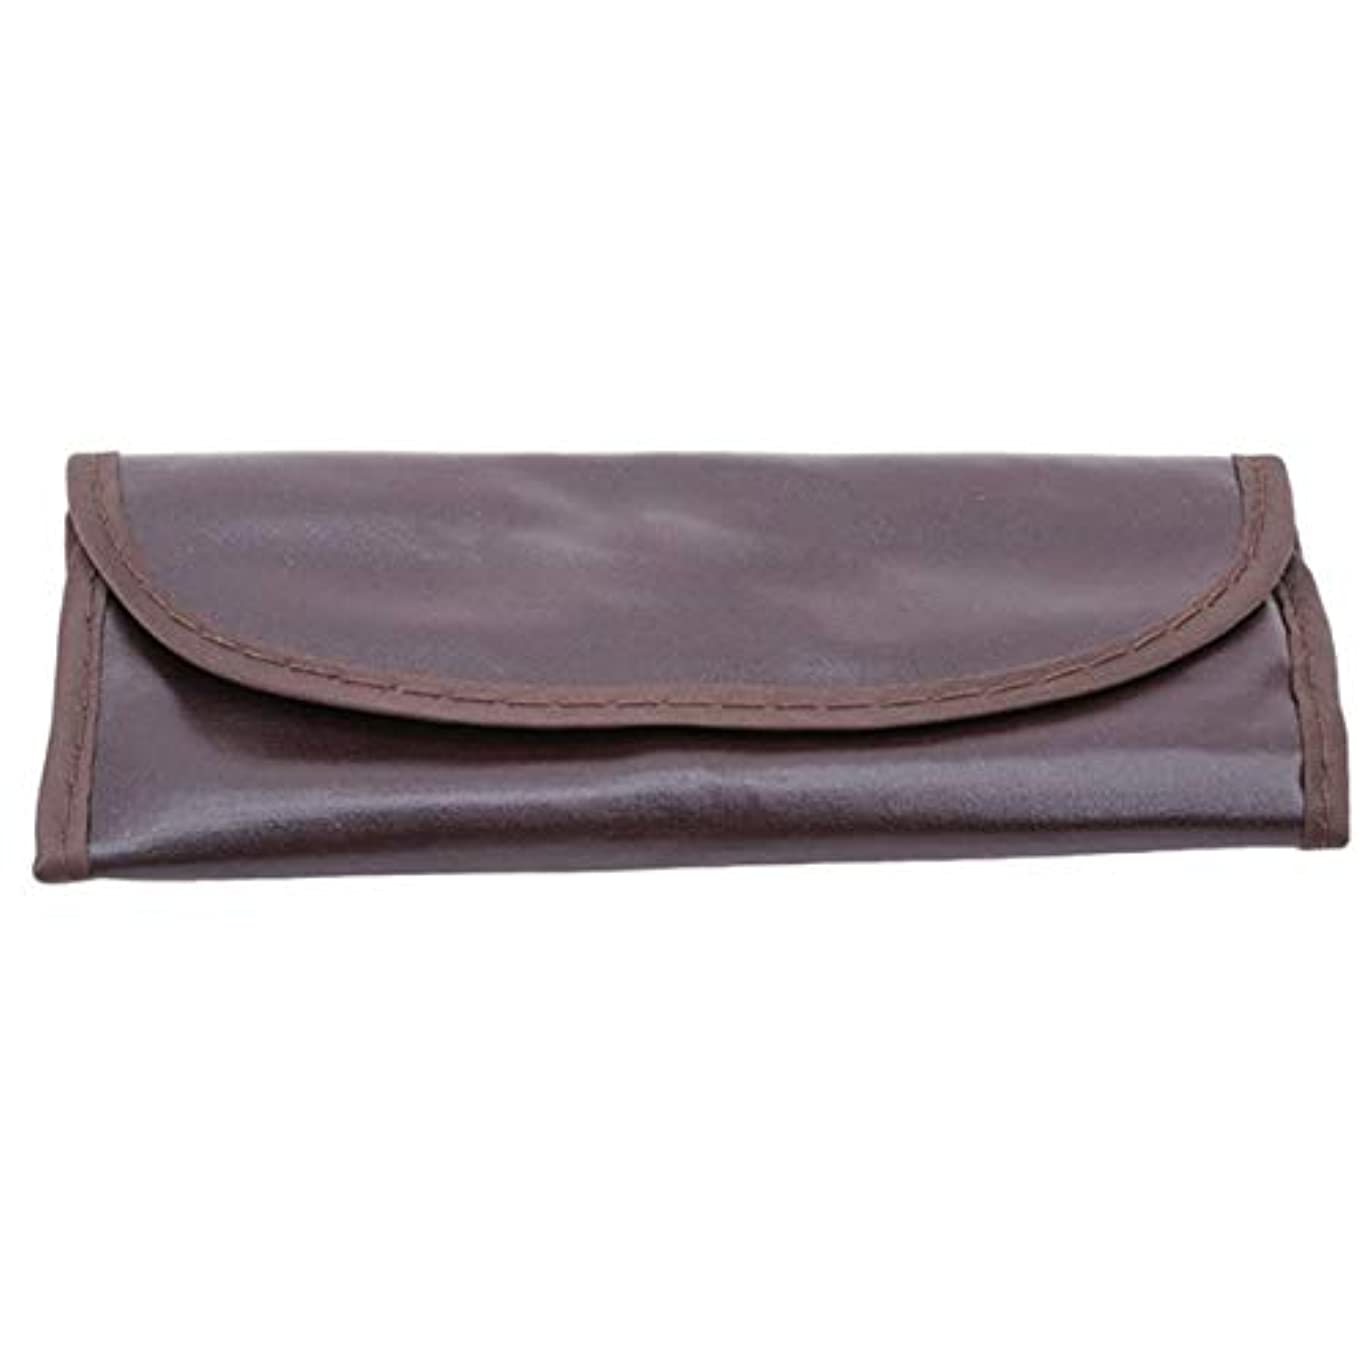 フレキシブル契約した水没1st market 化粧品のBagblackが付いている耐久の7Pcs柔らかいアイシャドウの唇の化粧筆